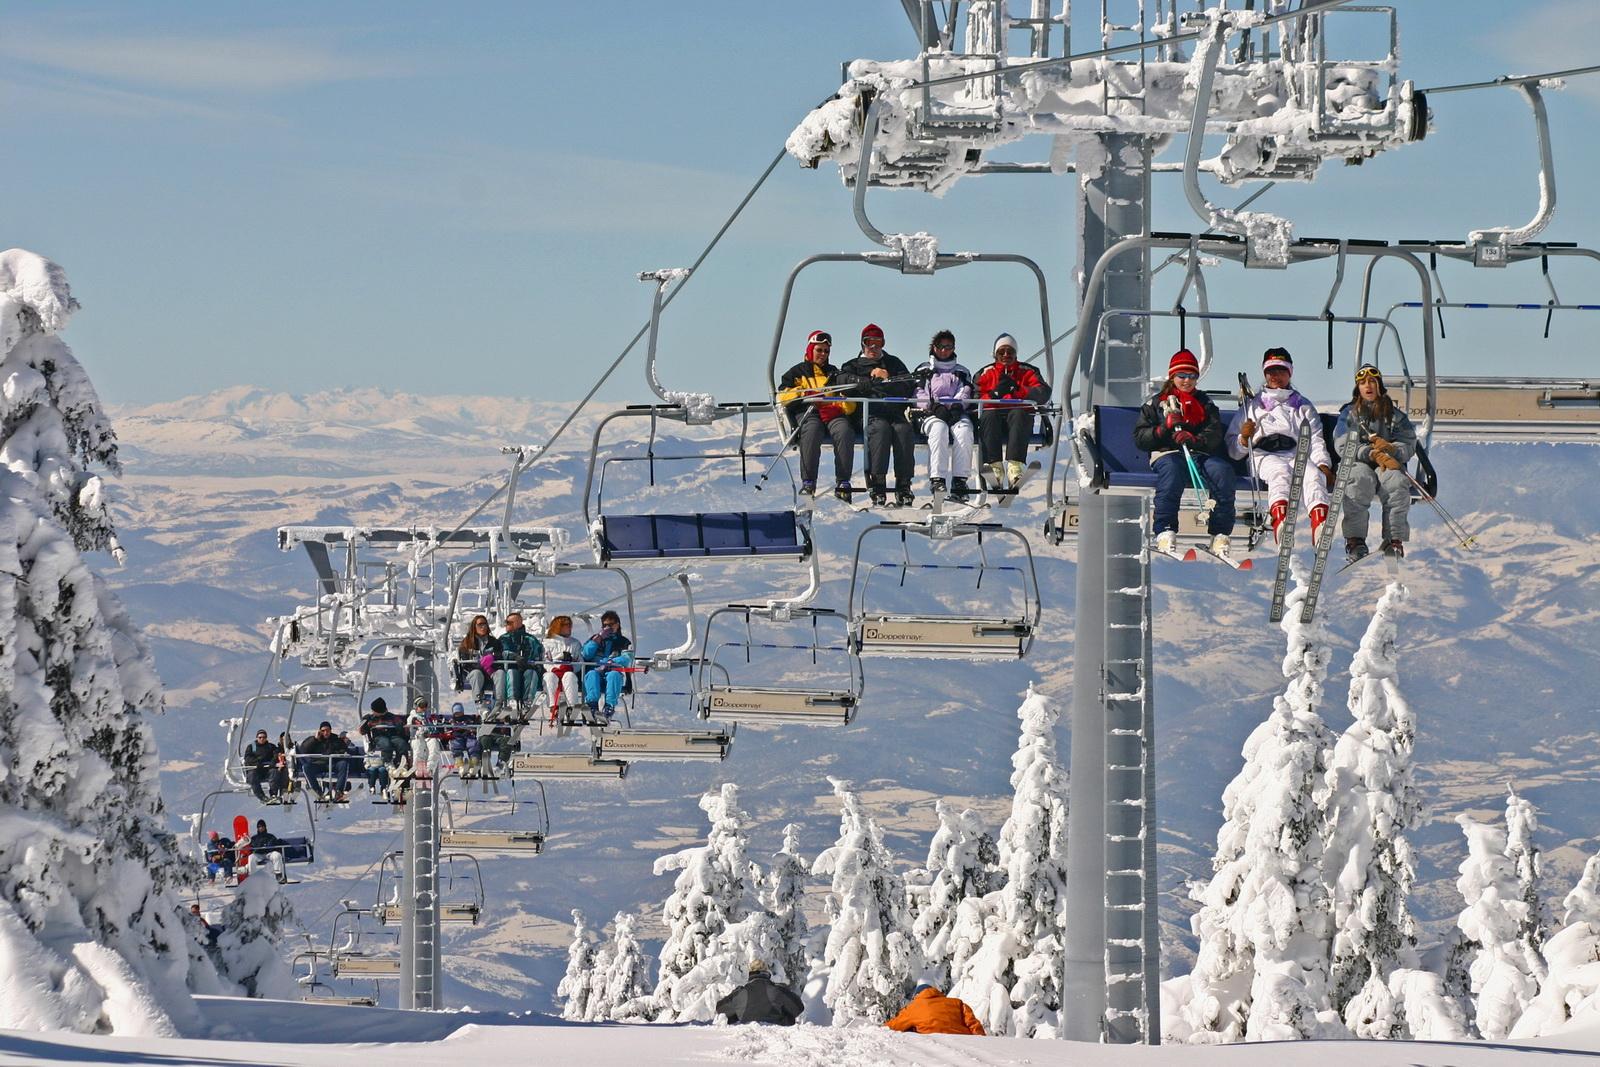 zicara skijanje cena